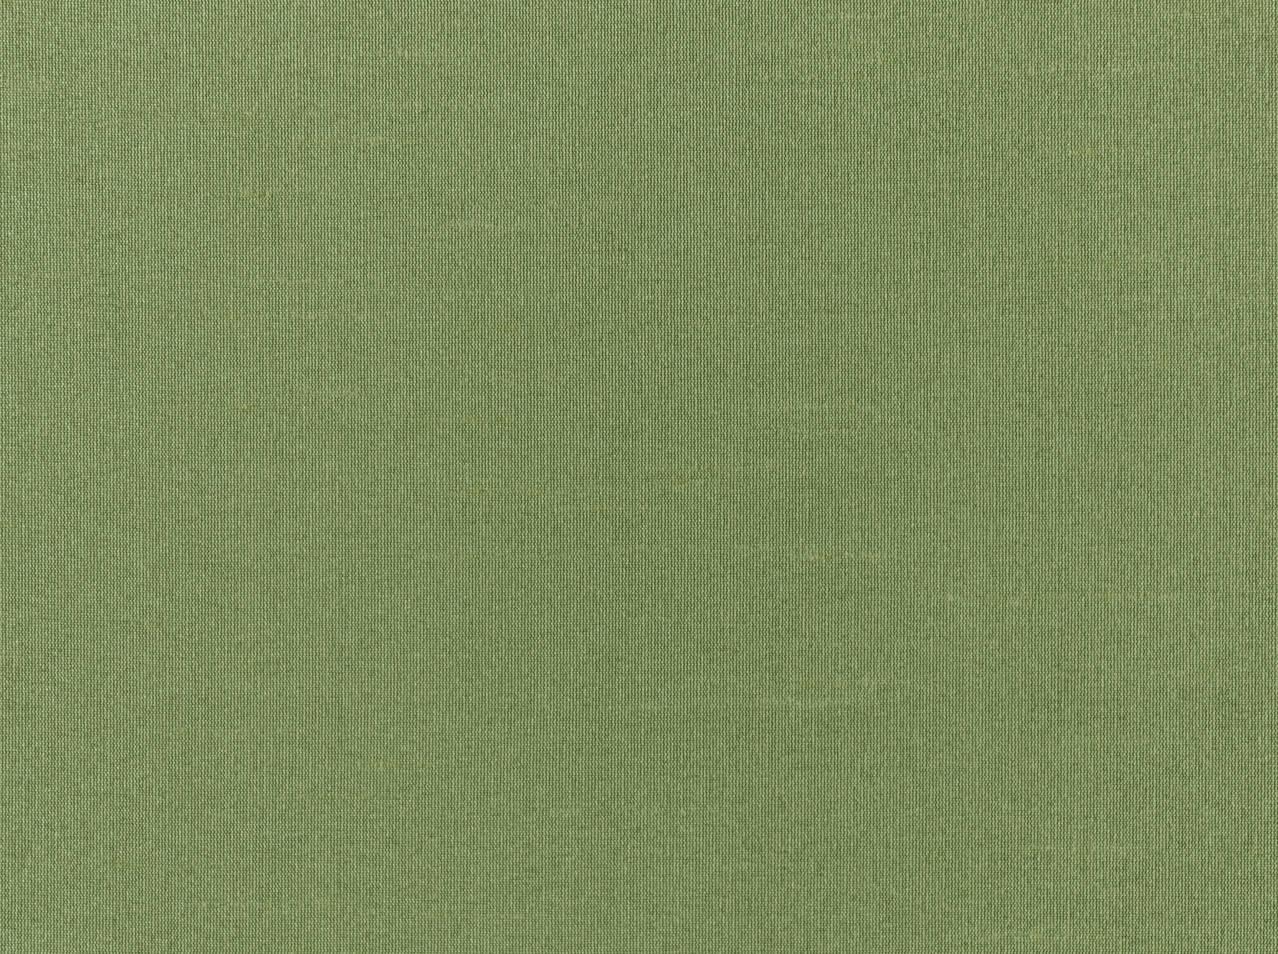 Covington Contract Products Color Khaki Green Aristocrat Granite